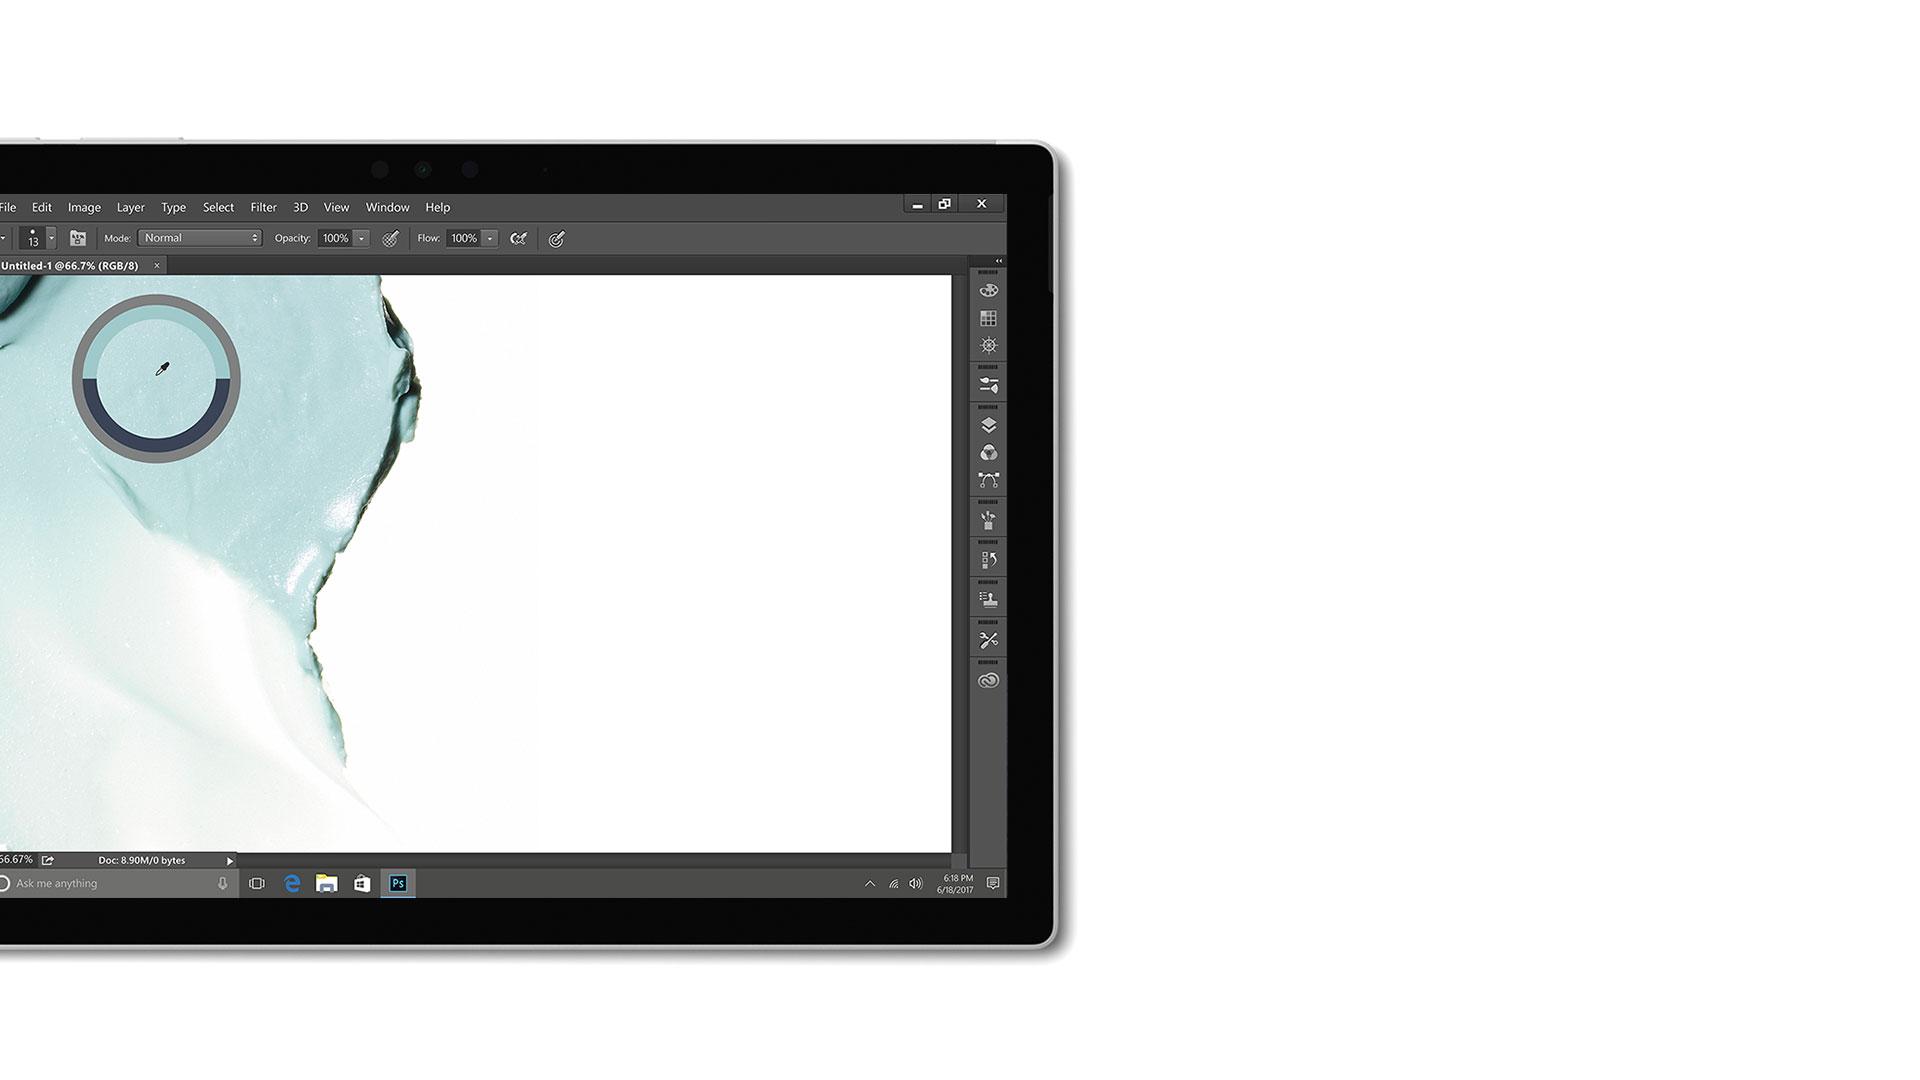 Imagem da interface de utilizador do Adobe Creative Cloud